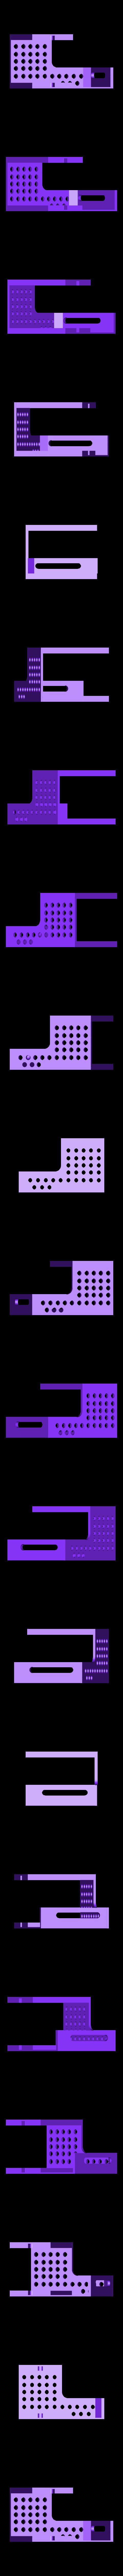 blueprinted_spool_HOLDER_ONLY.stl Download free STL file SPOOL HOLDER (BLUEPRINT3D EDITION) • 3D printer object, hugo